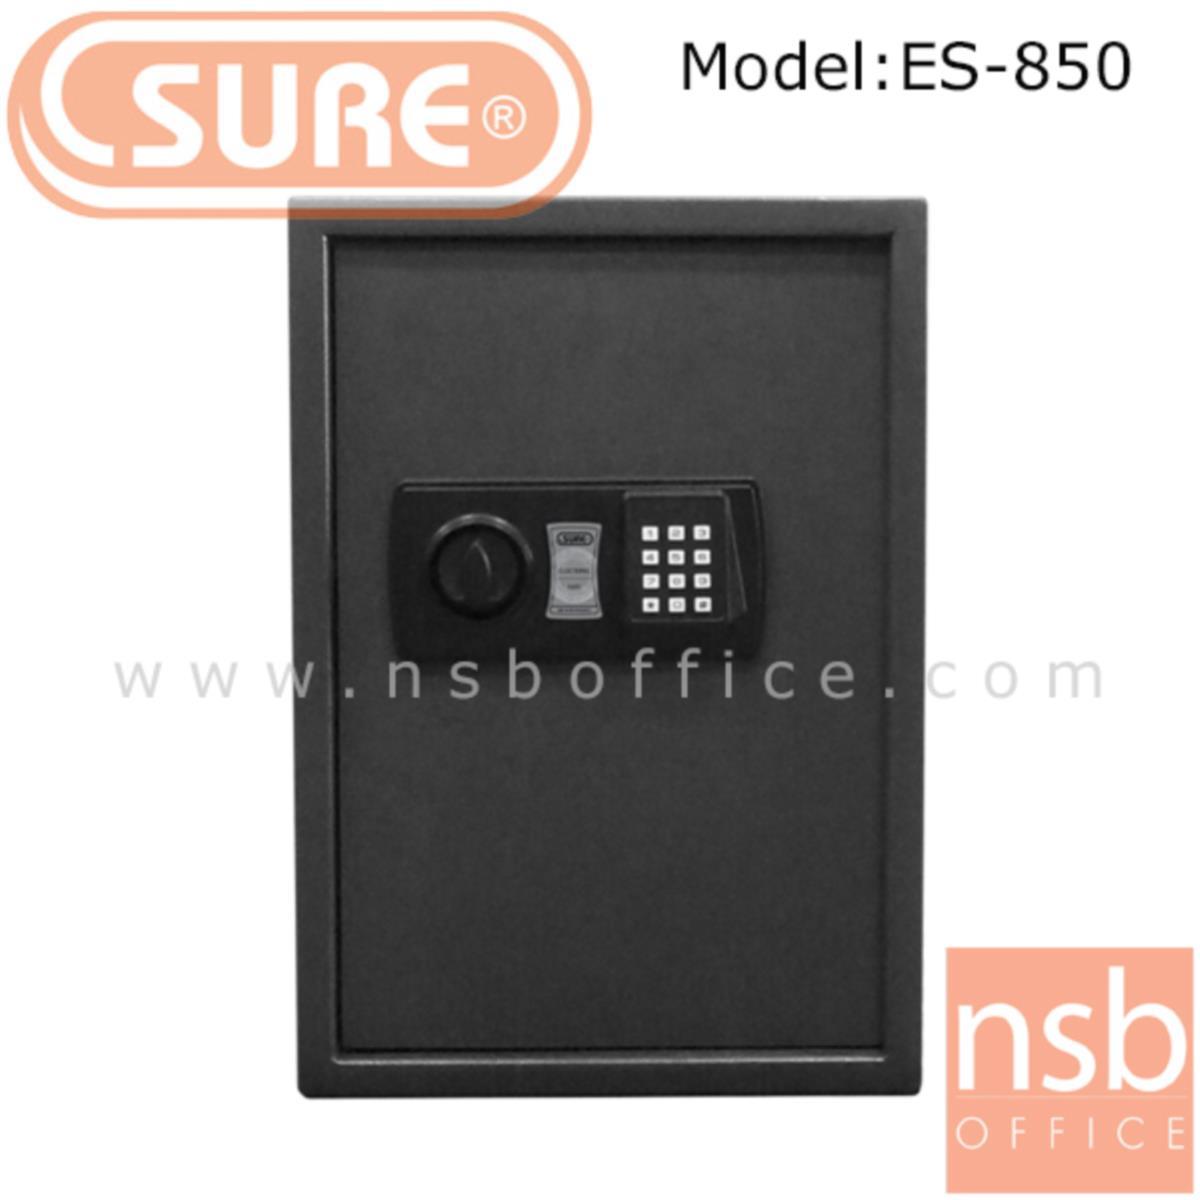 ตู้เซฟดิจตอล SR-ES850 น้ำหนัก 16 กก. (1 รหัสกด / ปุ่มหมุนบิด)